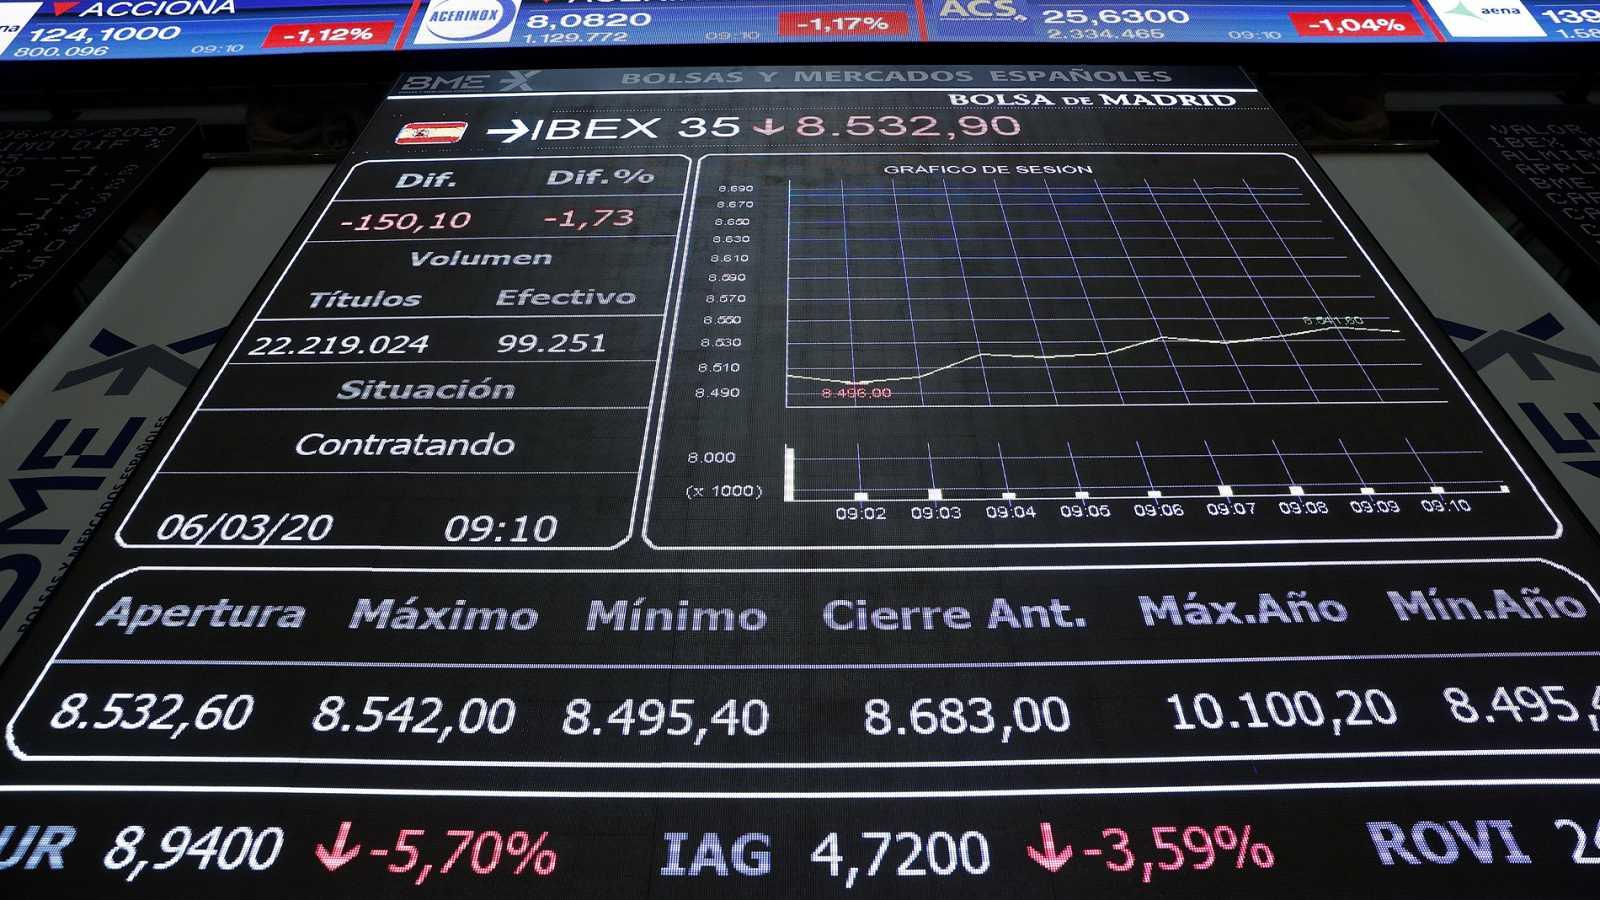 Los mercados financieros y el petróleo sucumben al coronavirus